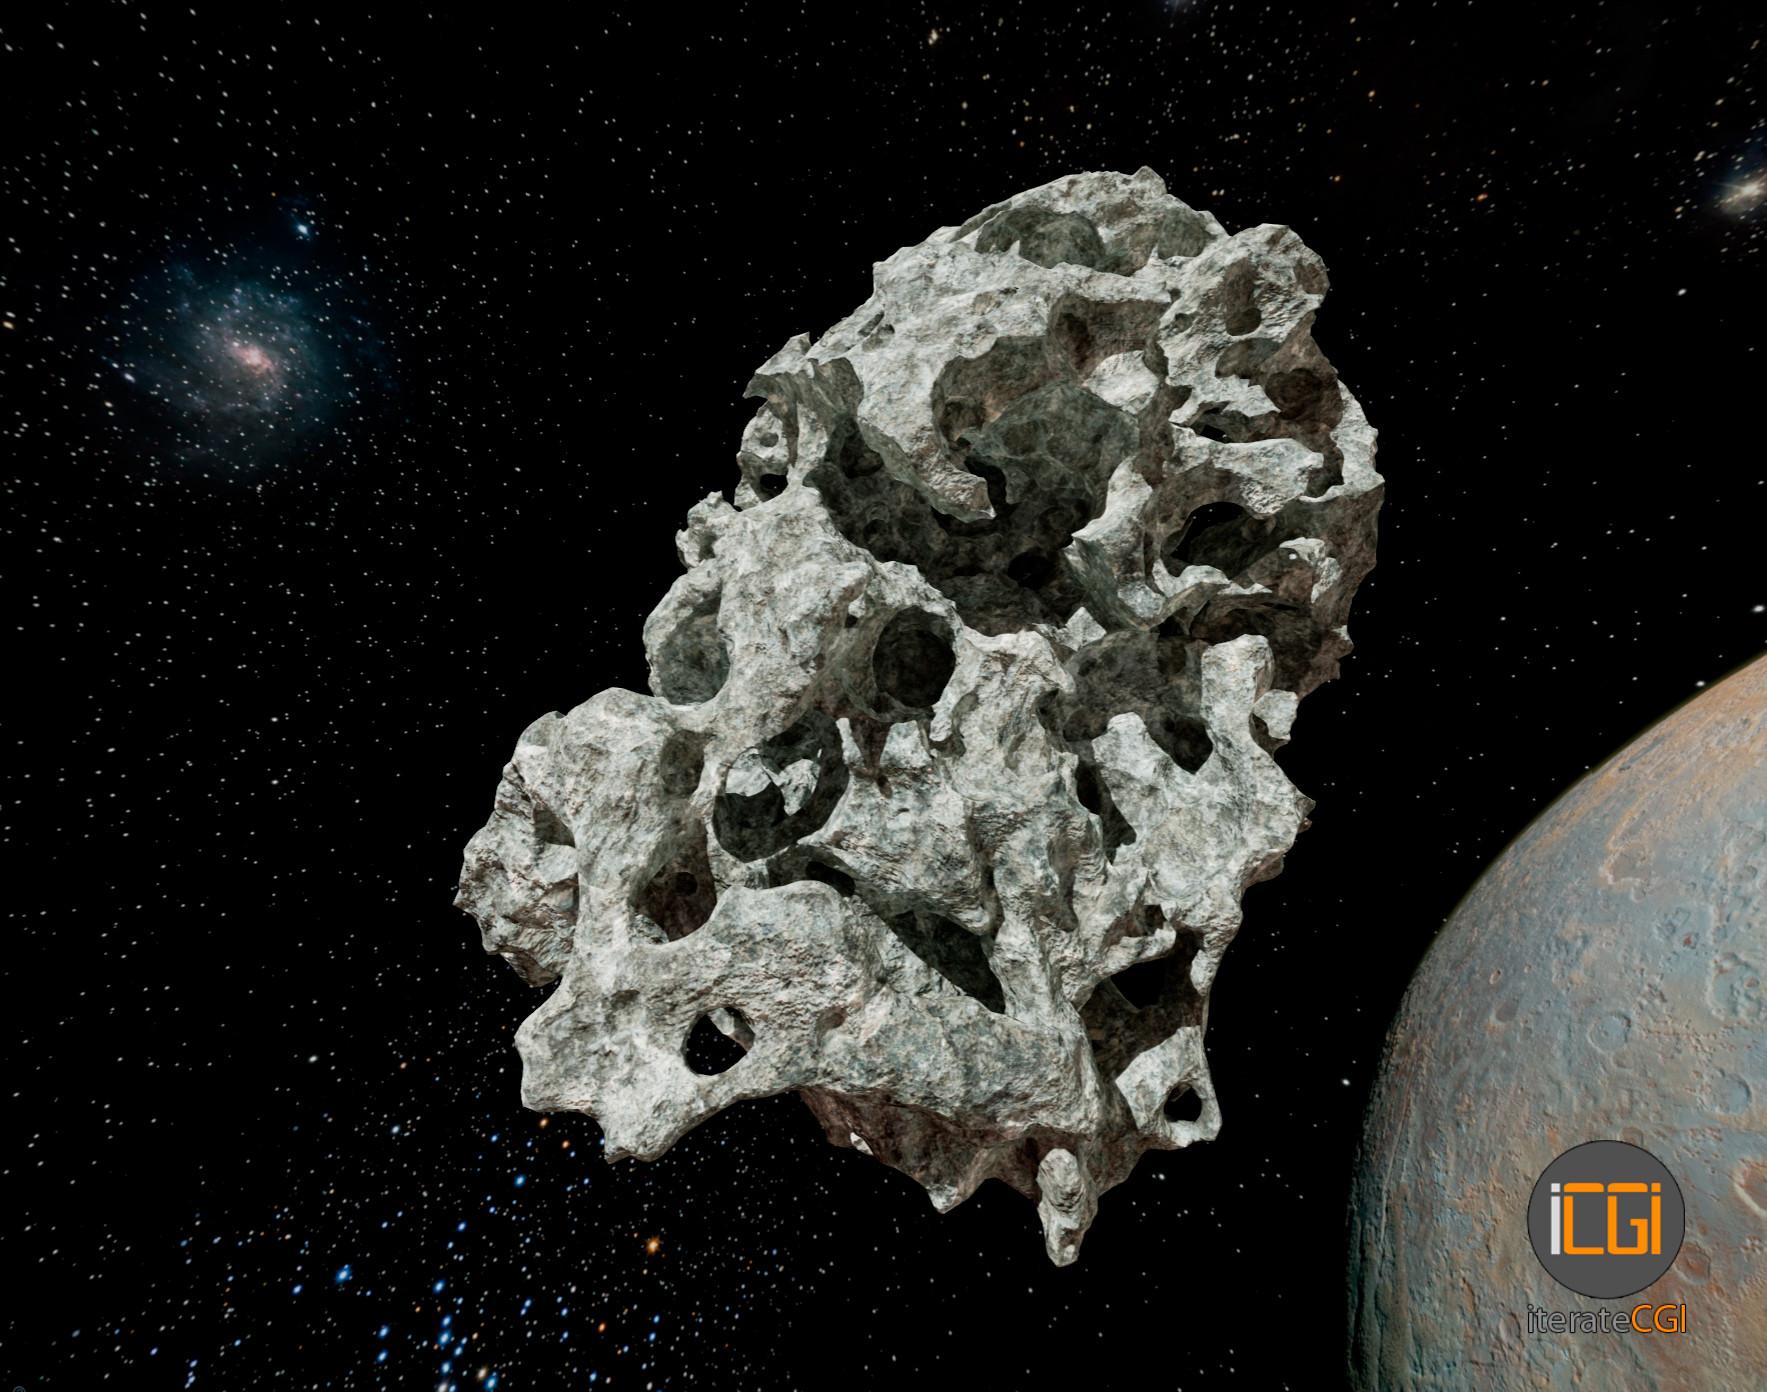 Johan de leenheer 3d asteroid game model 8